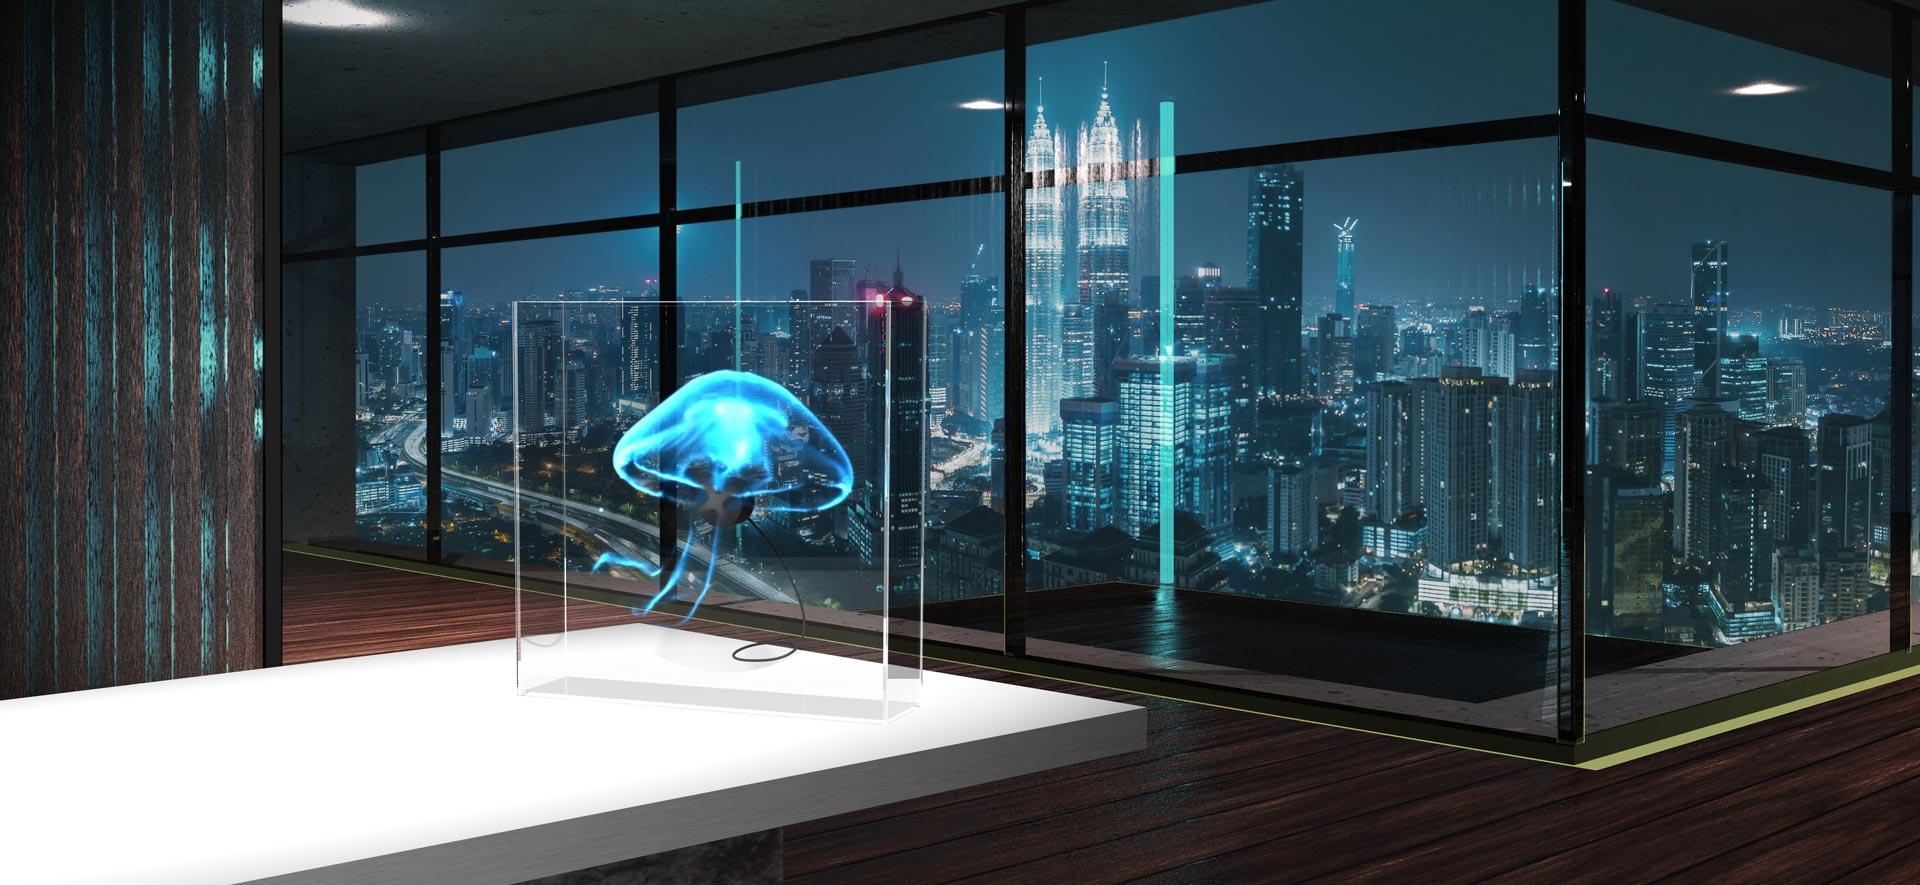 URBAN Hologram Banner Kuala Lumpur